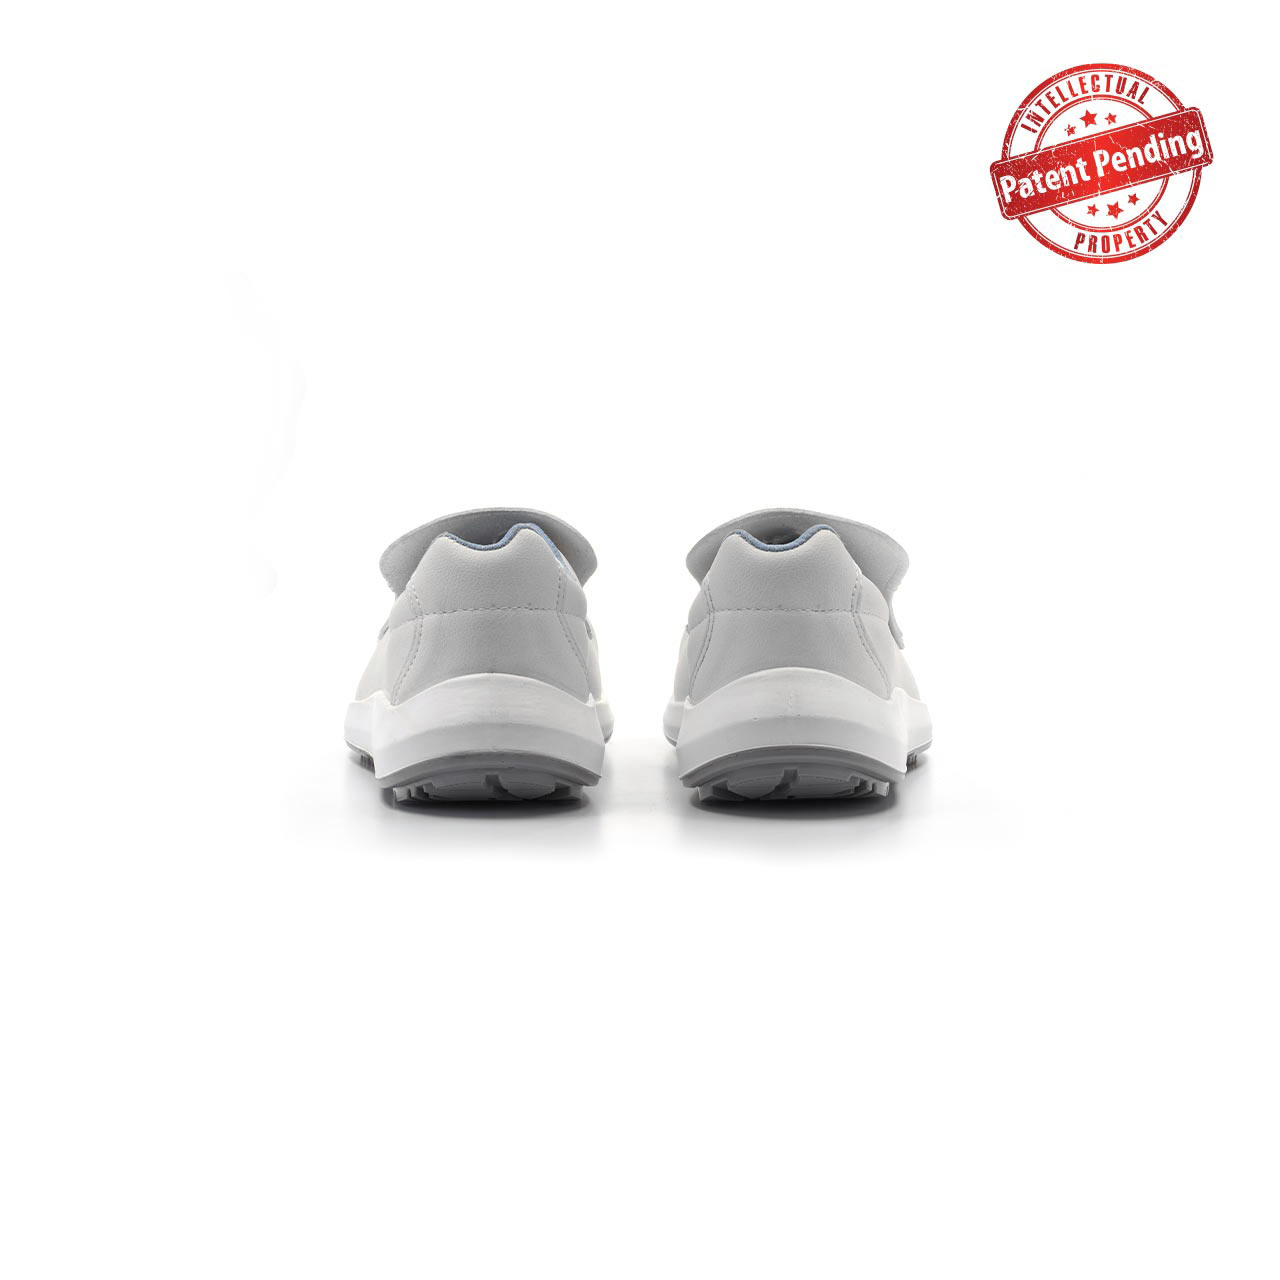 paio di scarpe antinfortunistiche upower modello antares linea redup vista retro